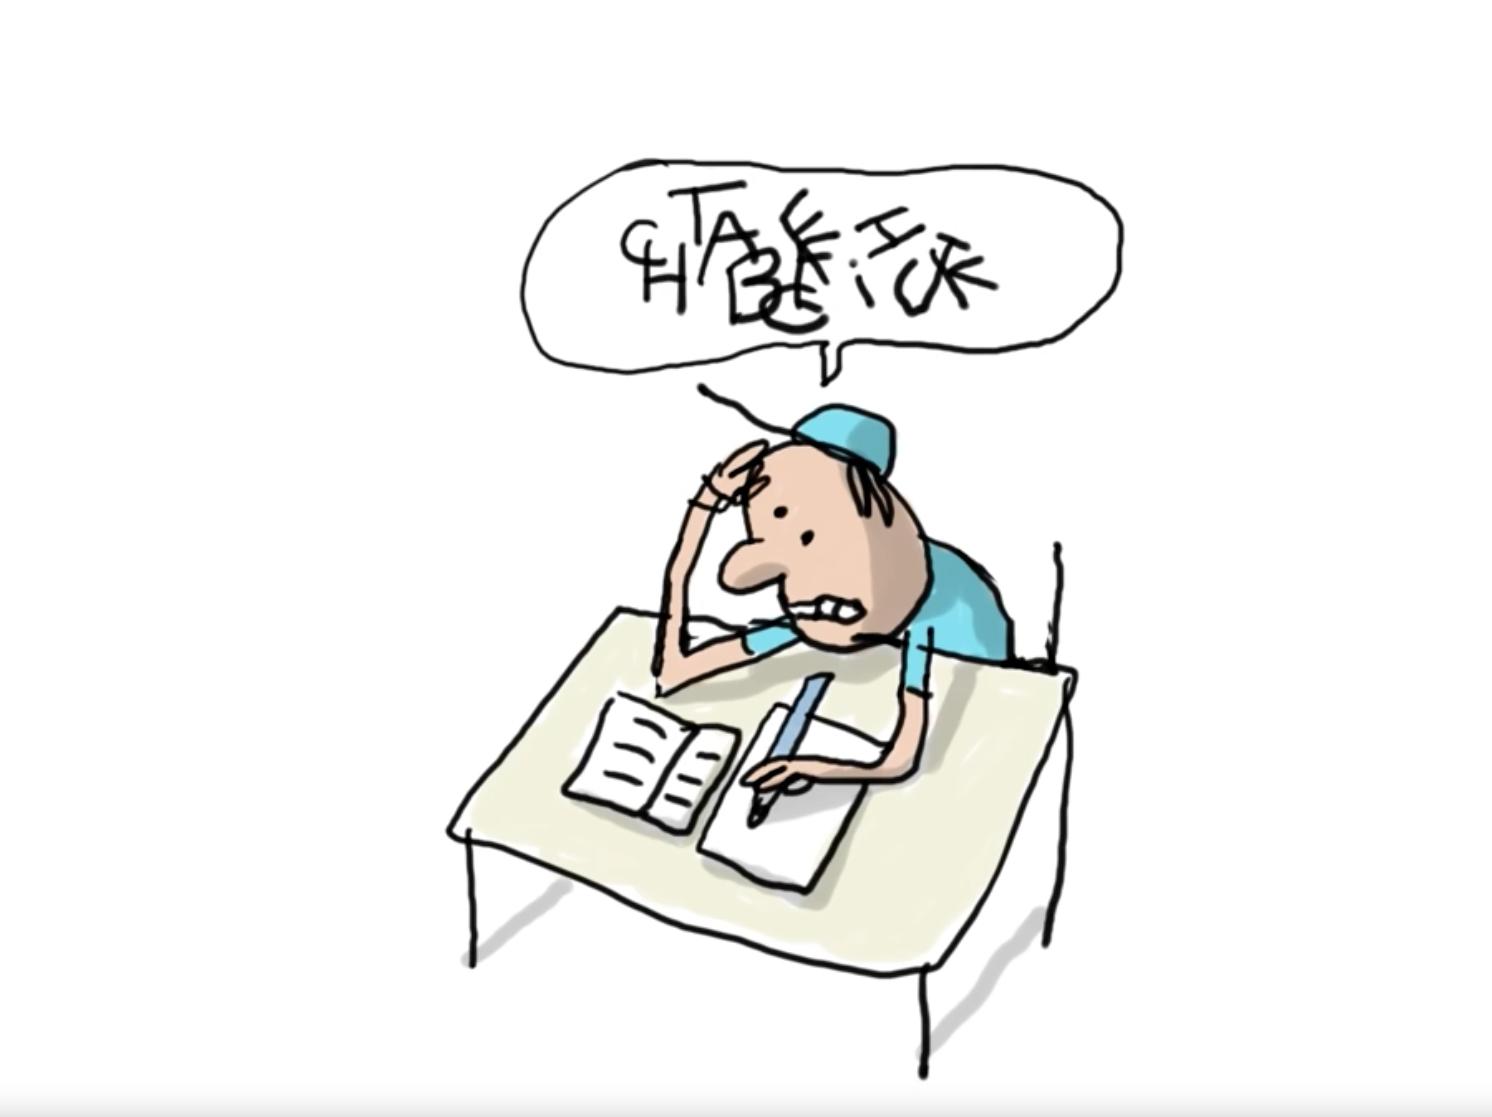 un dessin anim pour expliquer aux enfants ce qu 39 est la dyslexie animation land. Black Bedroom Furniture Sets. Home Design Ideas